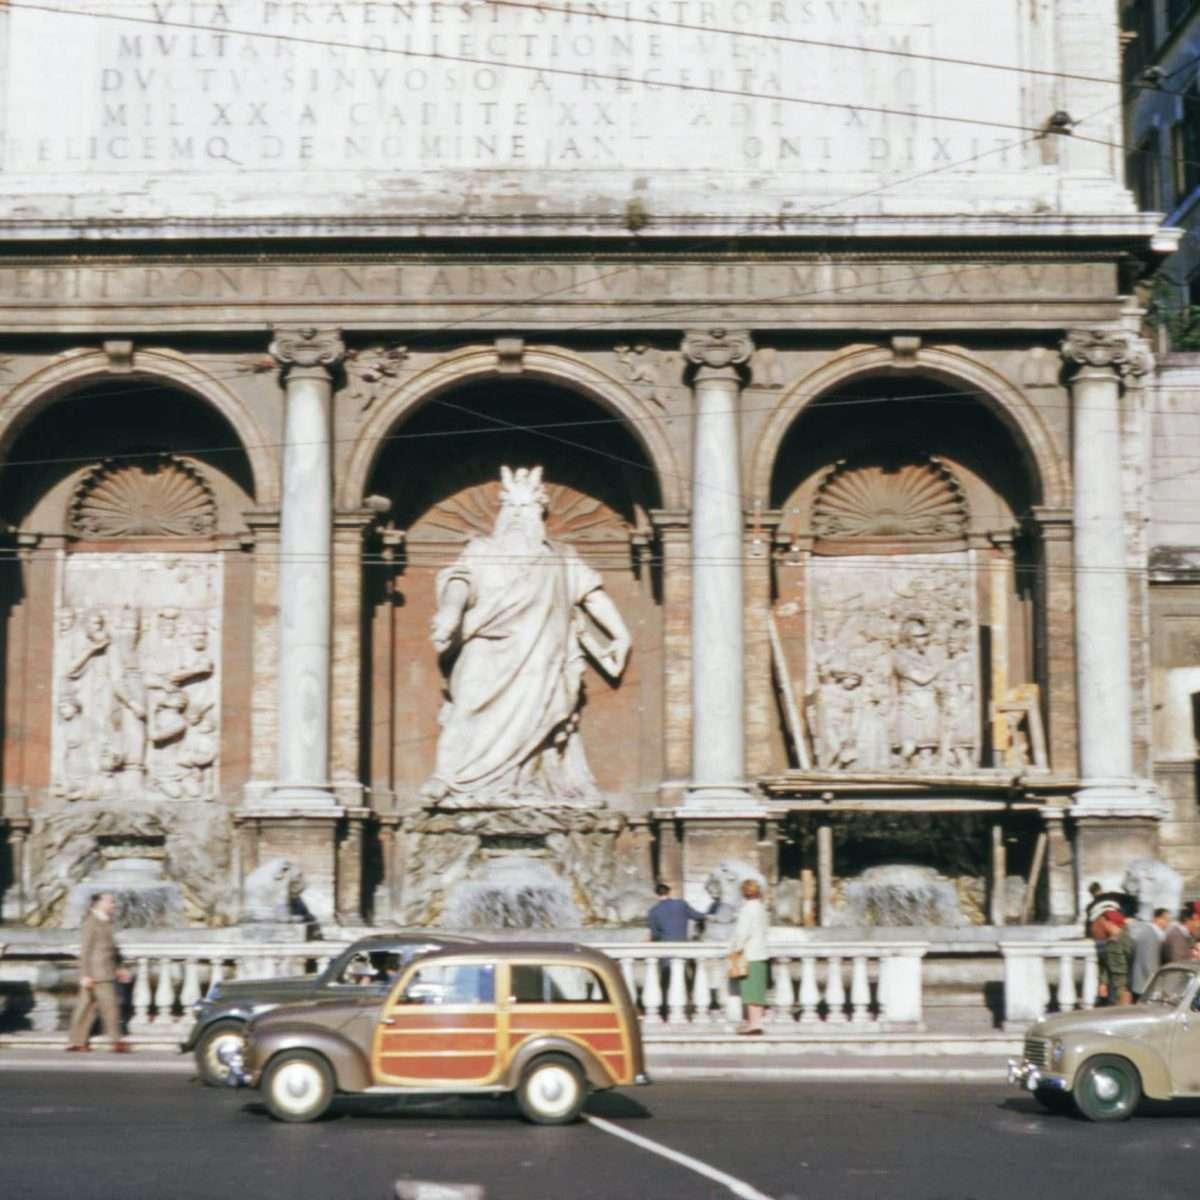 Piazza San Bernardo